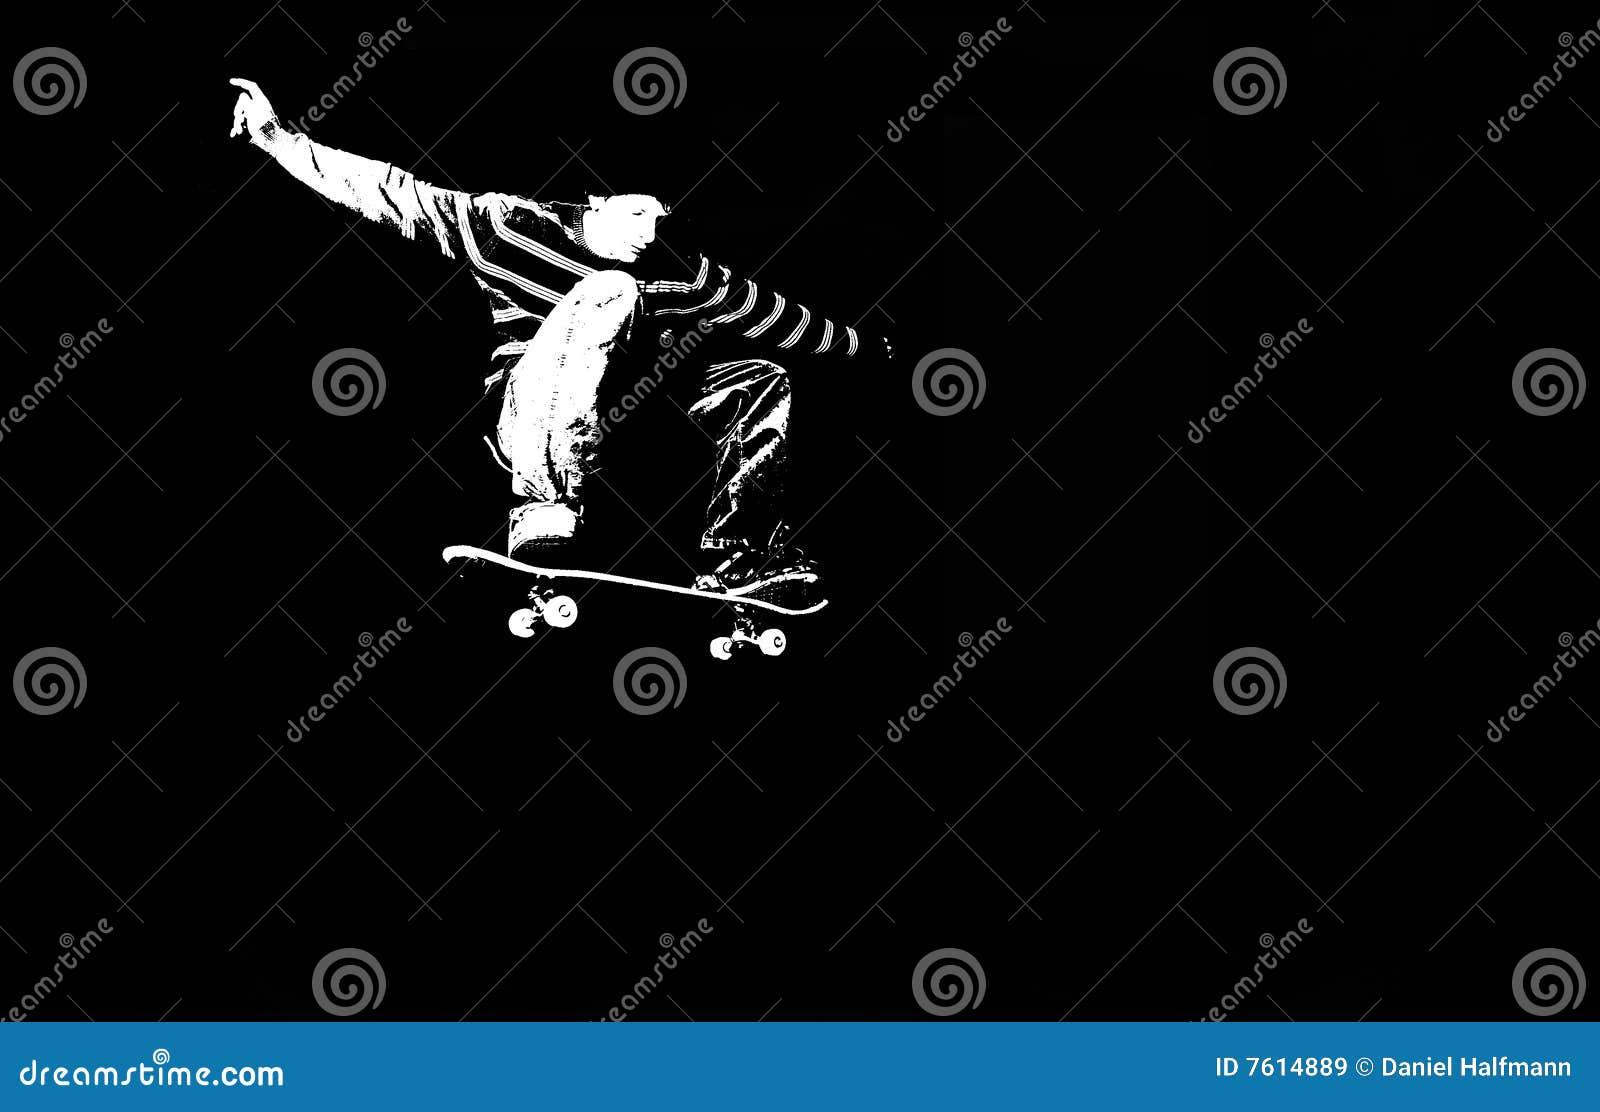 剪影溜冰板运动